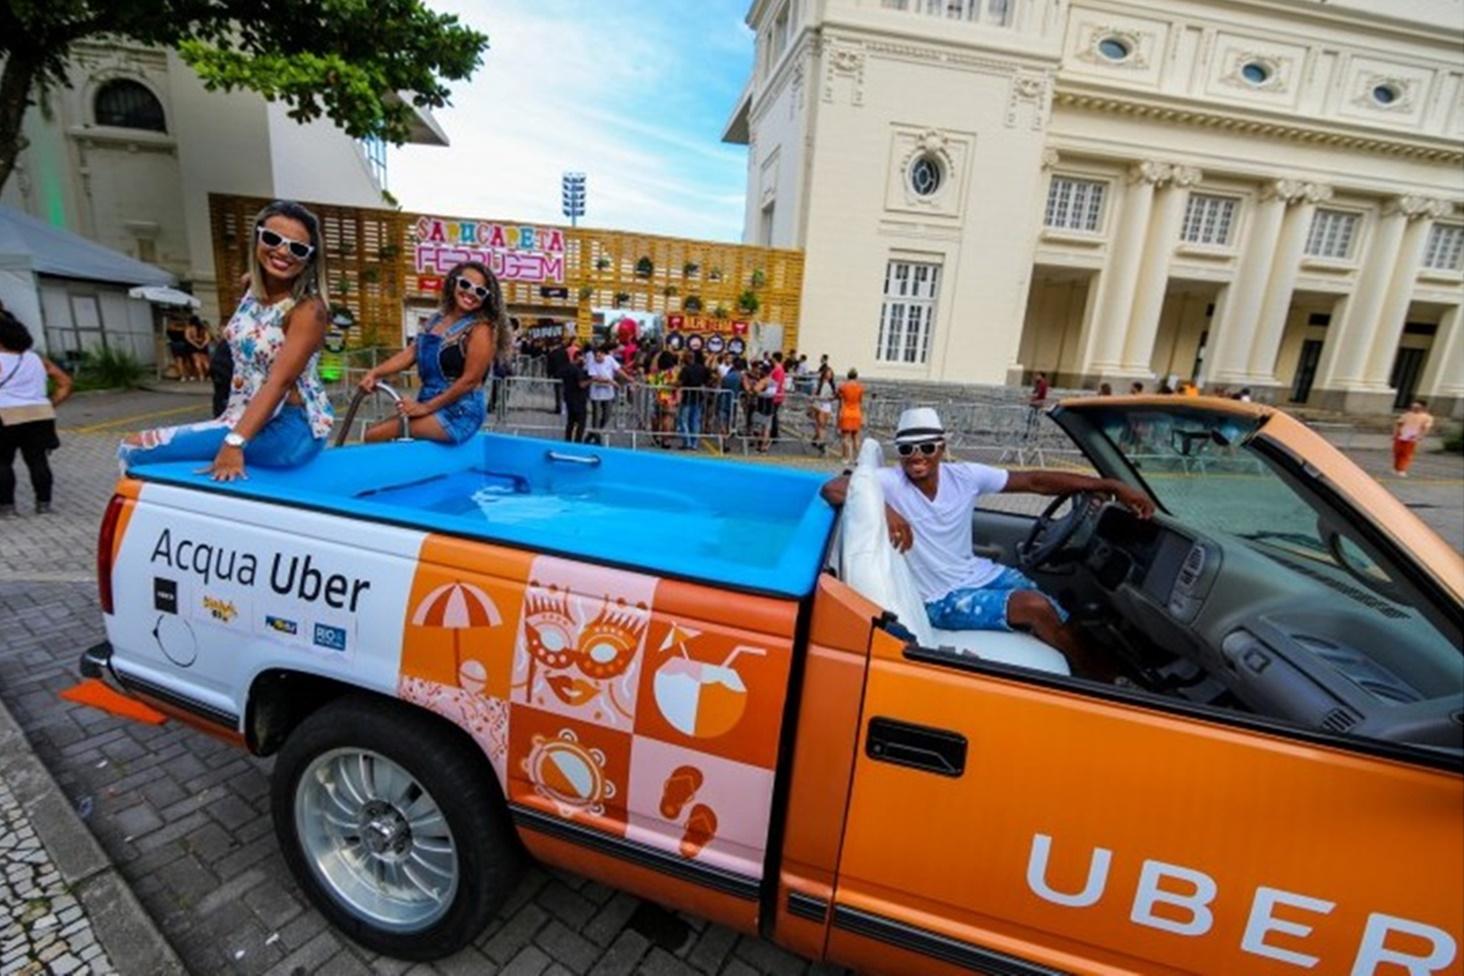 Imagem de Uber coloca picape com caçamba de piscina para circular no Rio de Janeiro no tecmundo